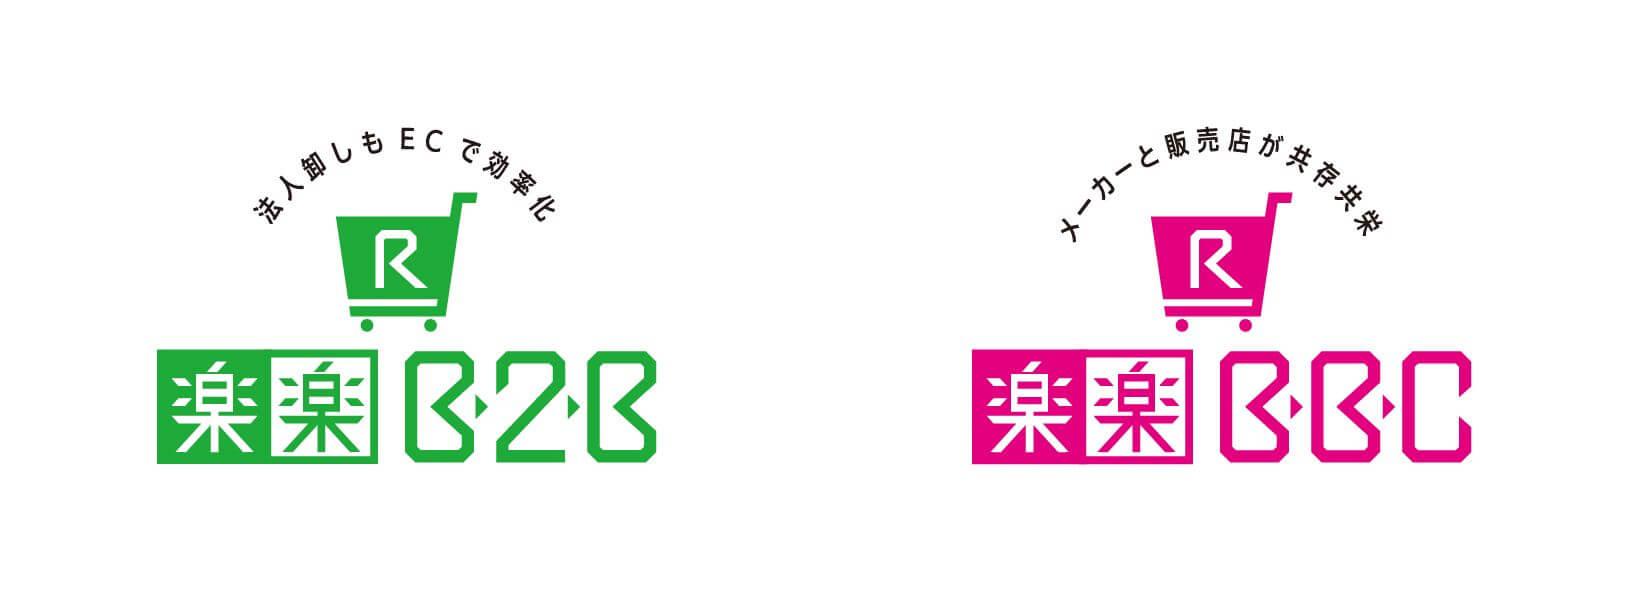 株式会社ネットショップ支援室のニュース・リリース製品 楽楽B2B・楽楽BBCの製品バナー画像